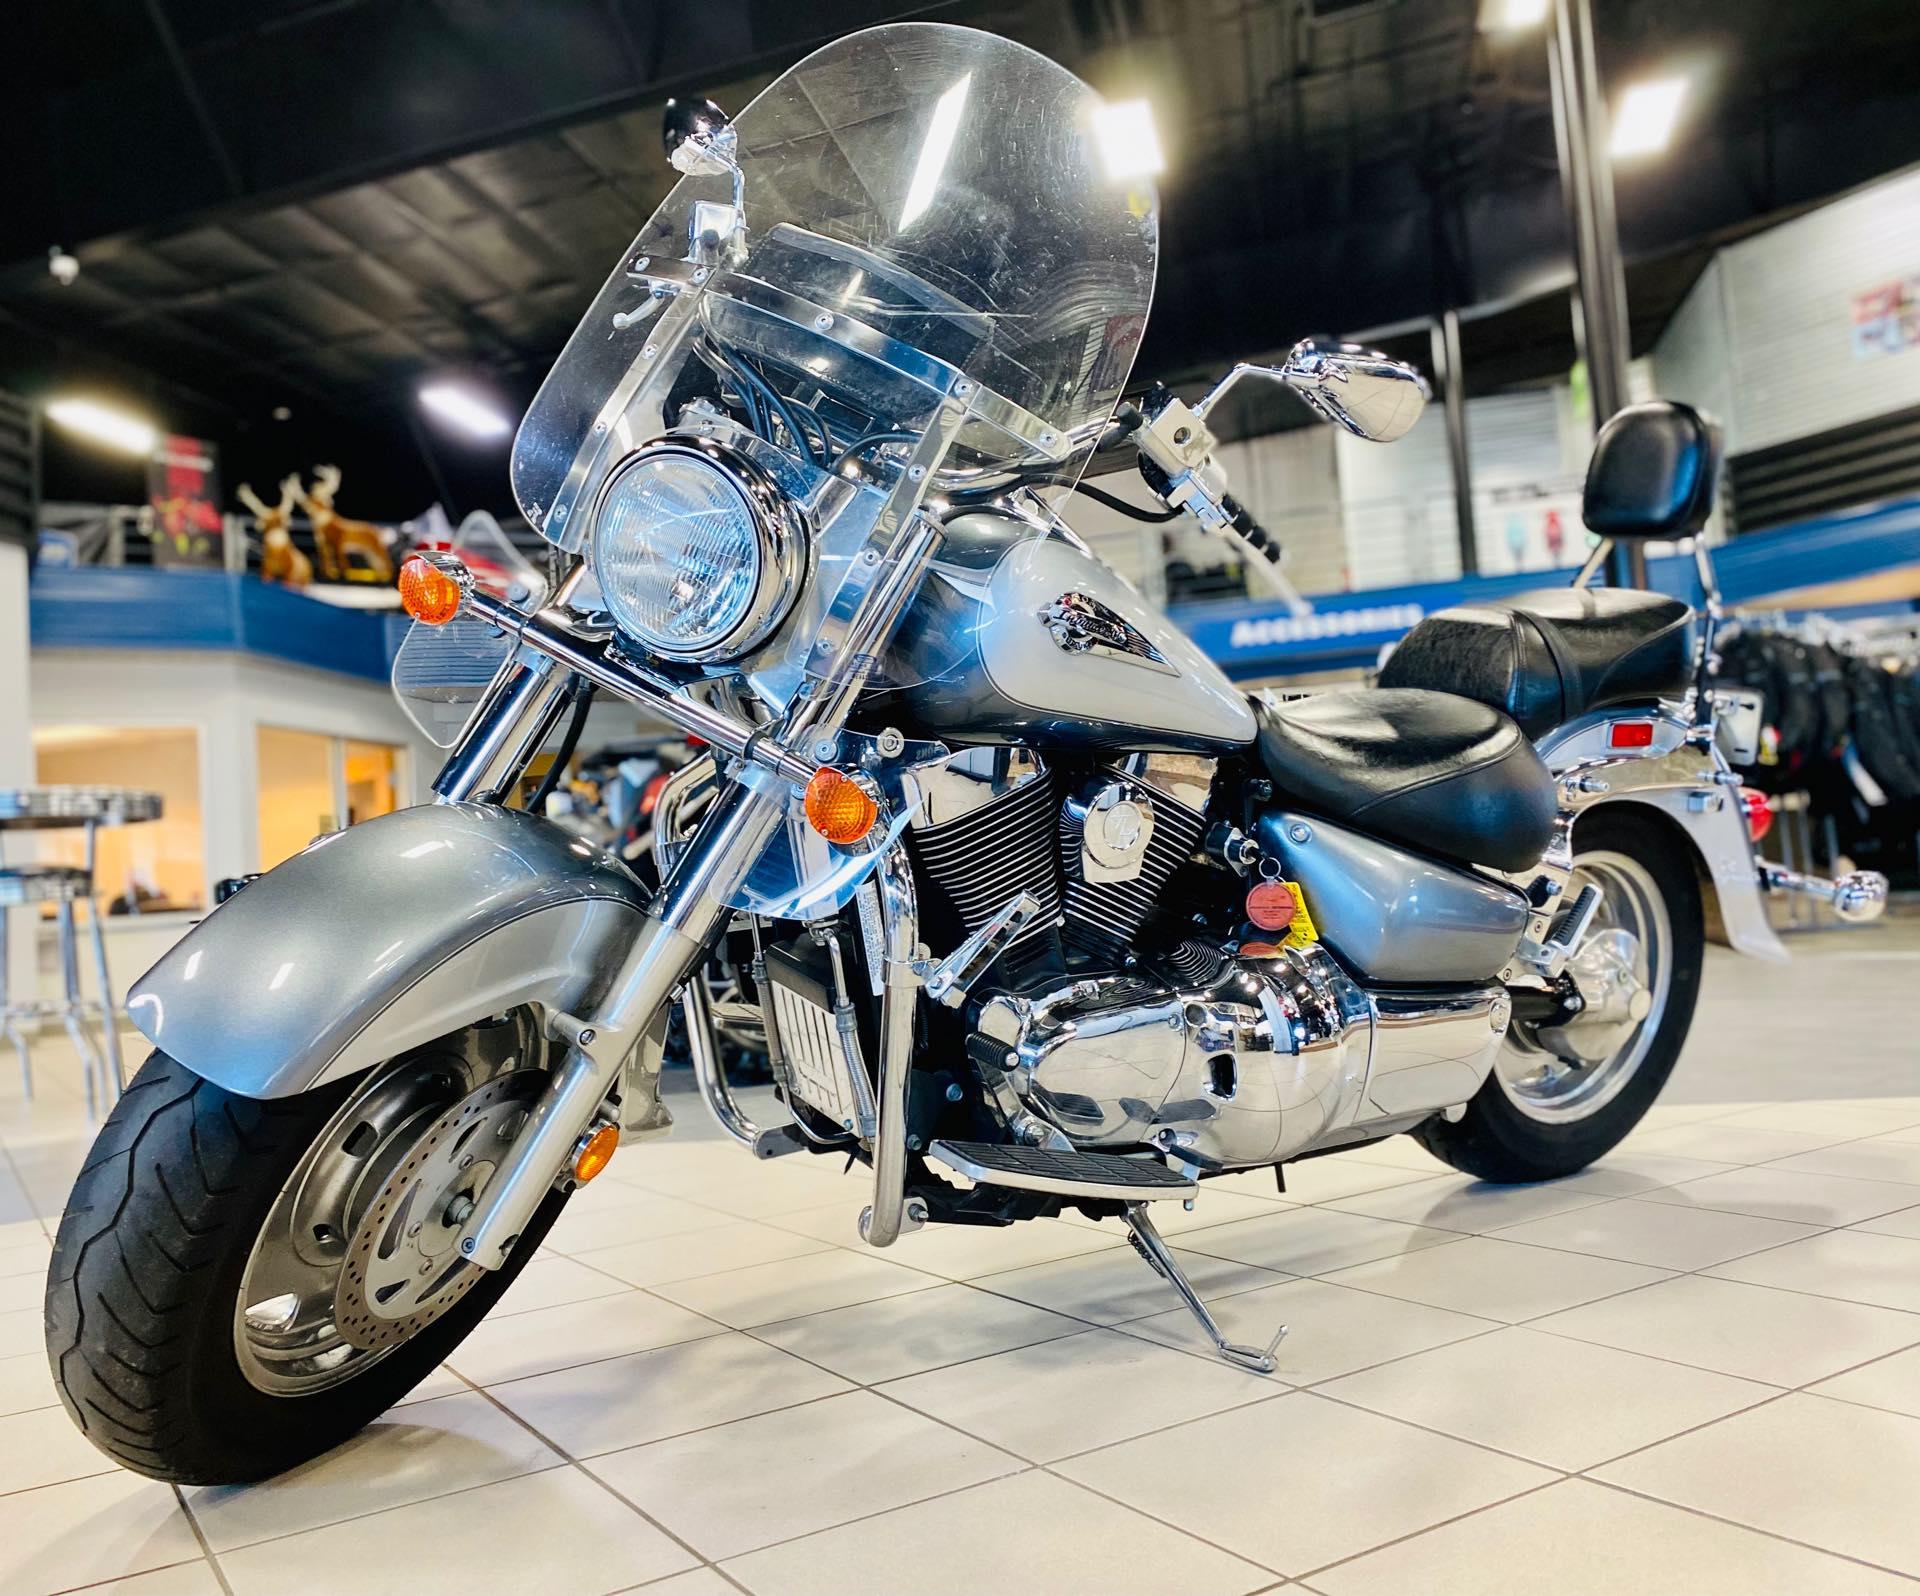 2003 SUZUKI INTRUDER 1500 at Rod's Ride On Powersports